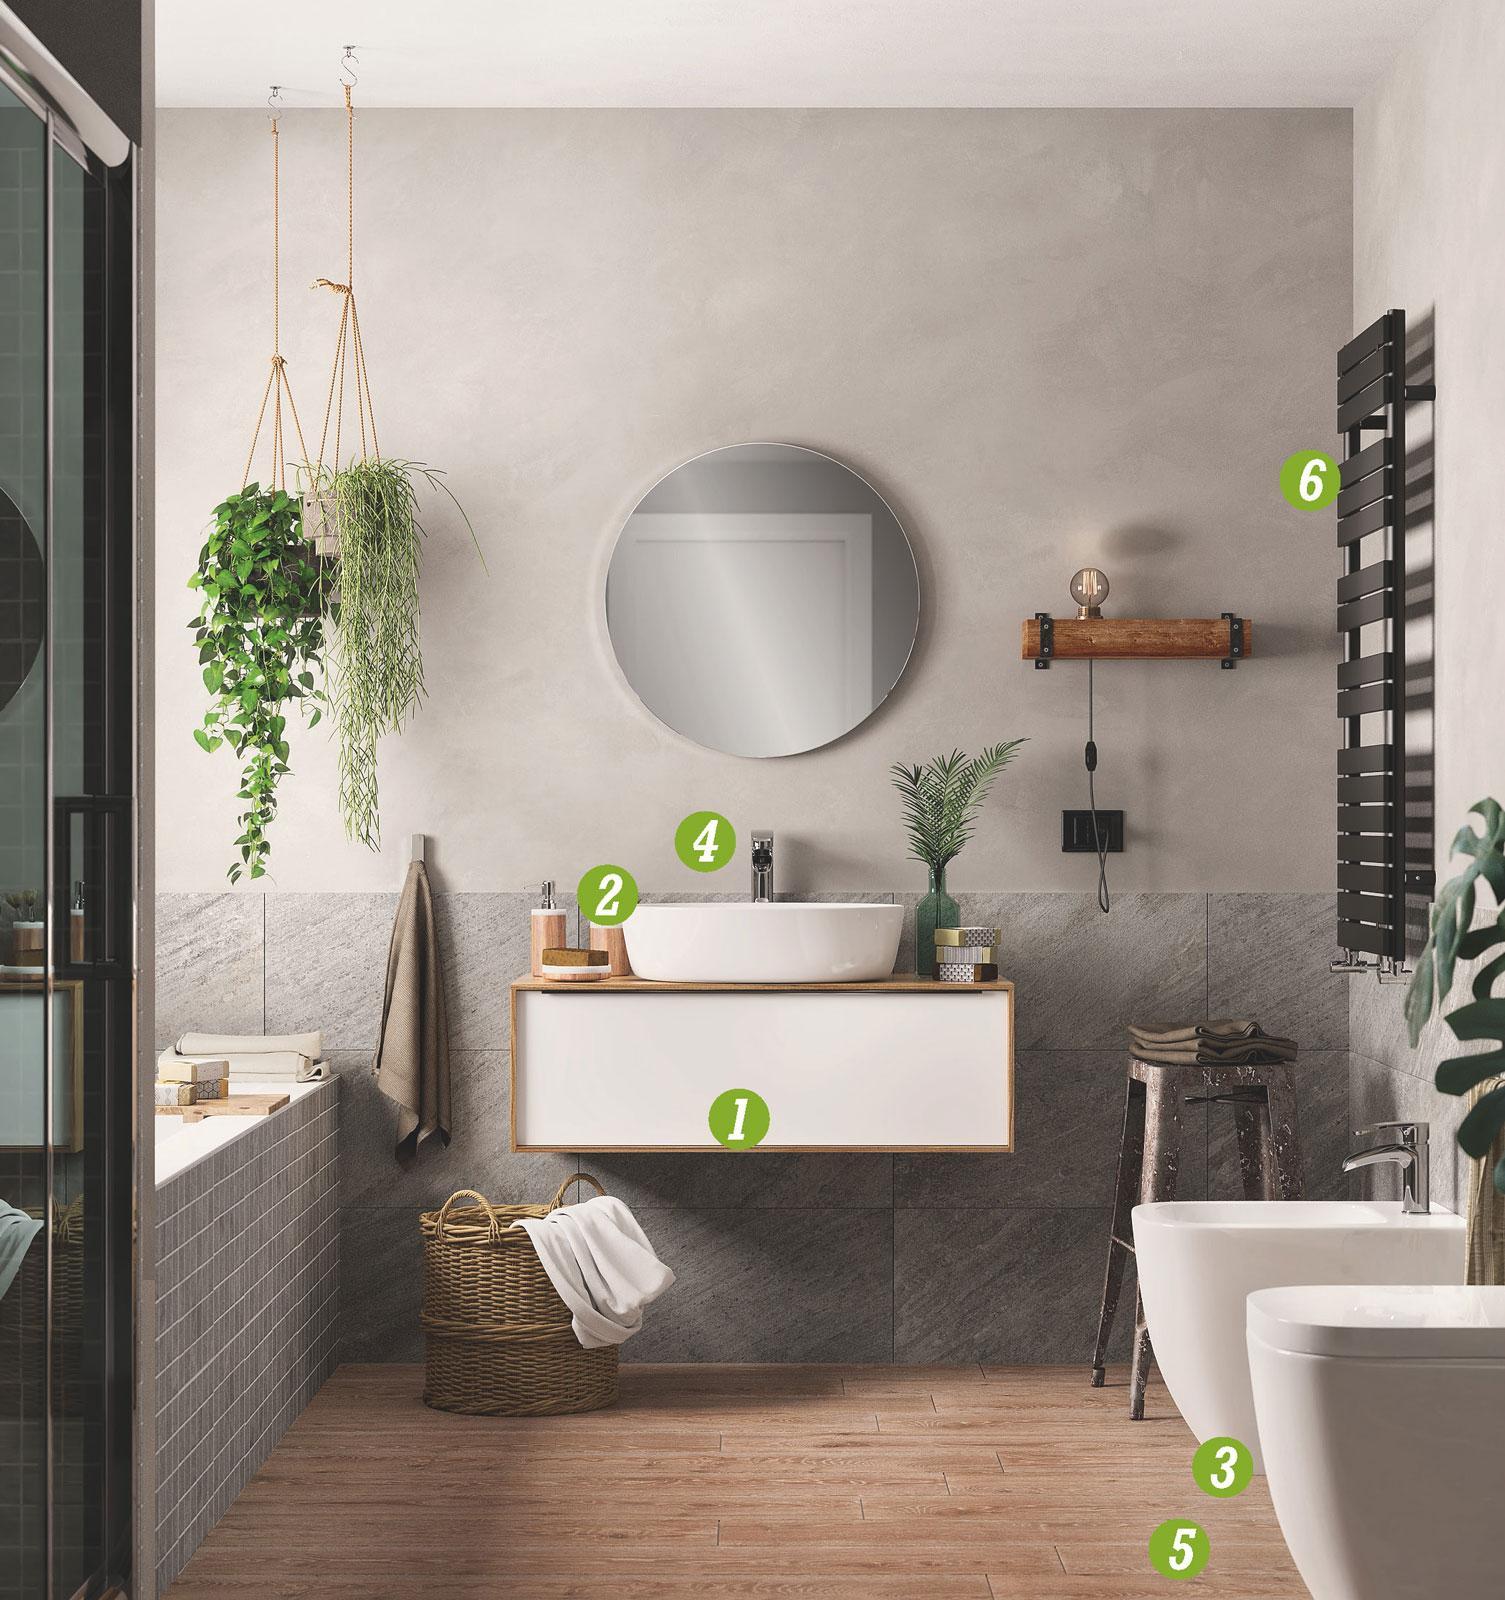 Bagno hygge lo stile danese che fa tendenza cose di casa for Miscelatori vasca da bagno leroy merlin